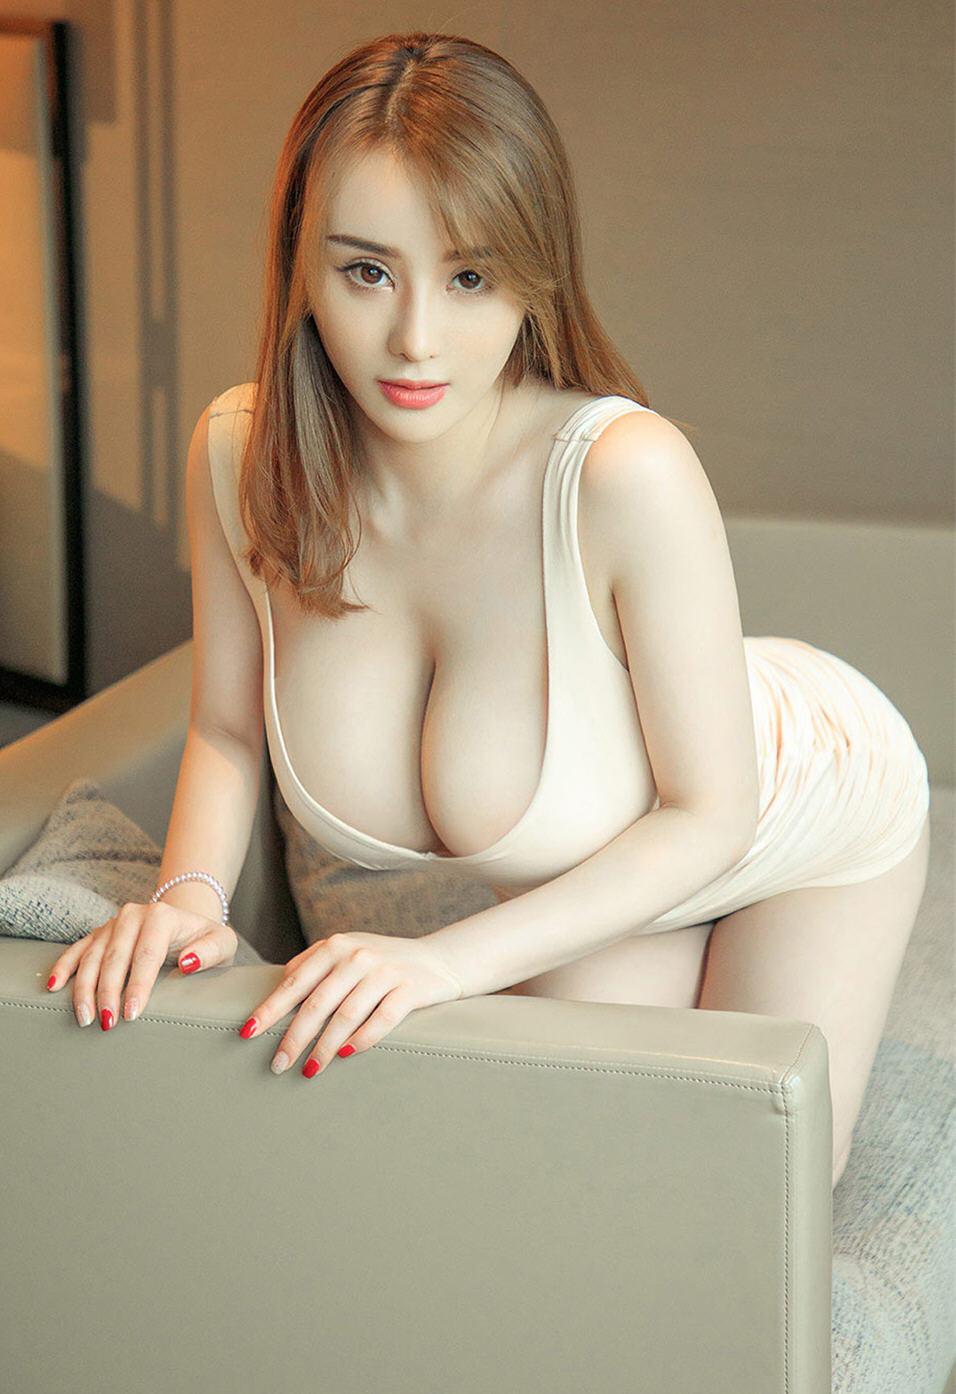 丰腴女神Vichy精选写真相册